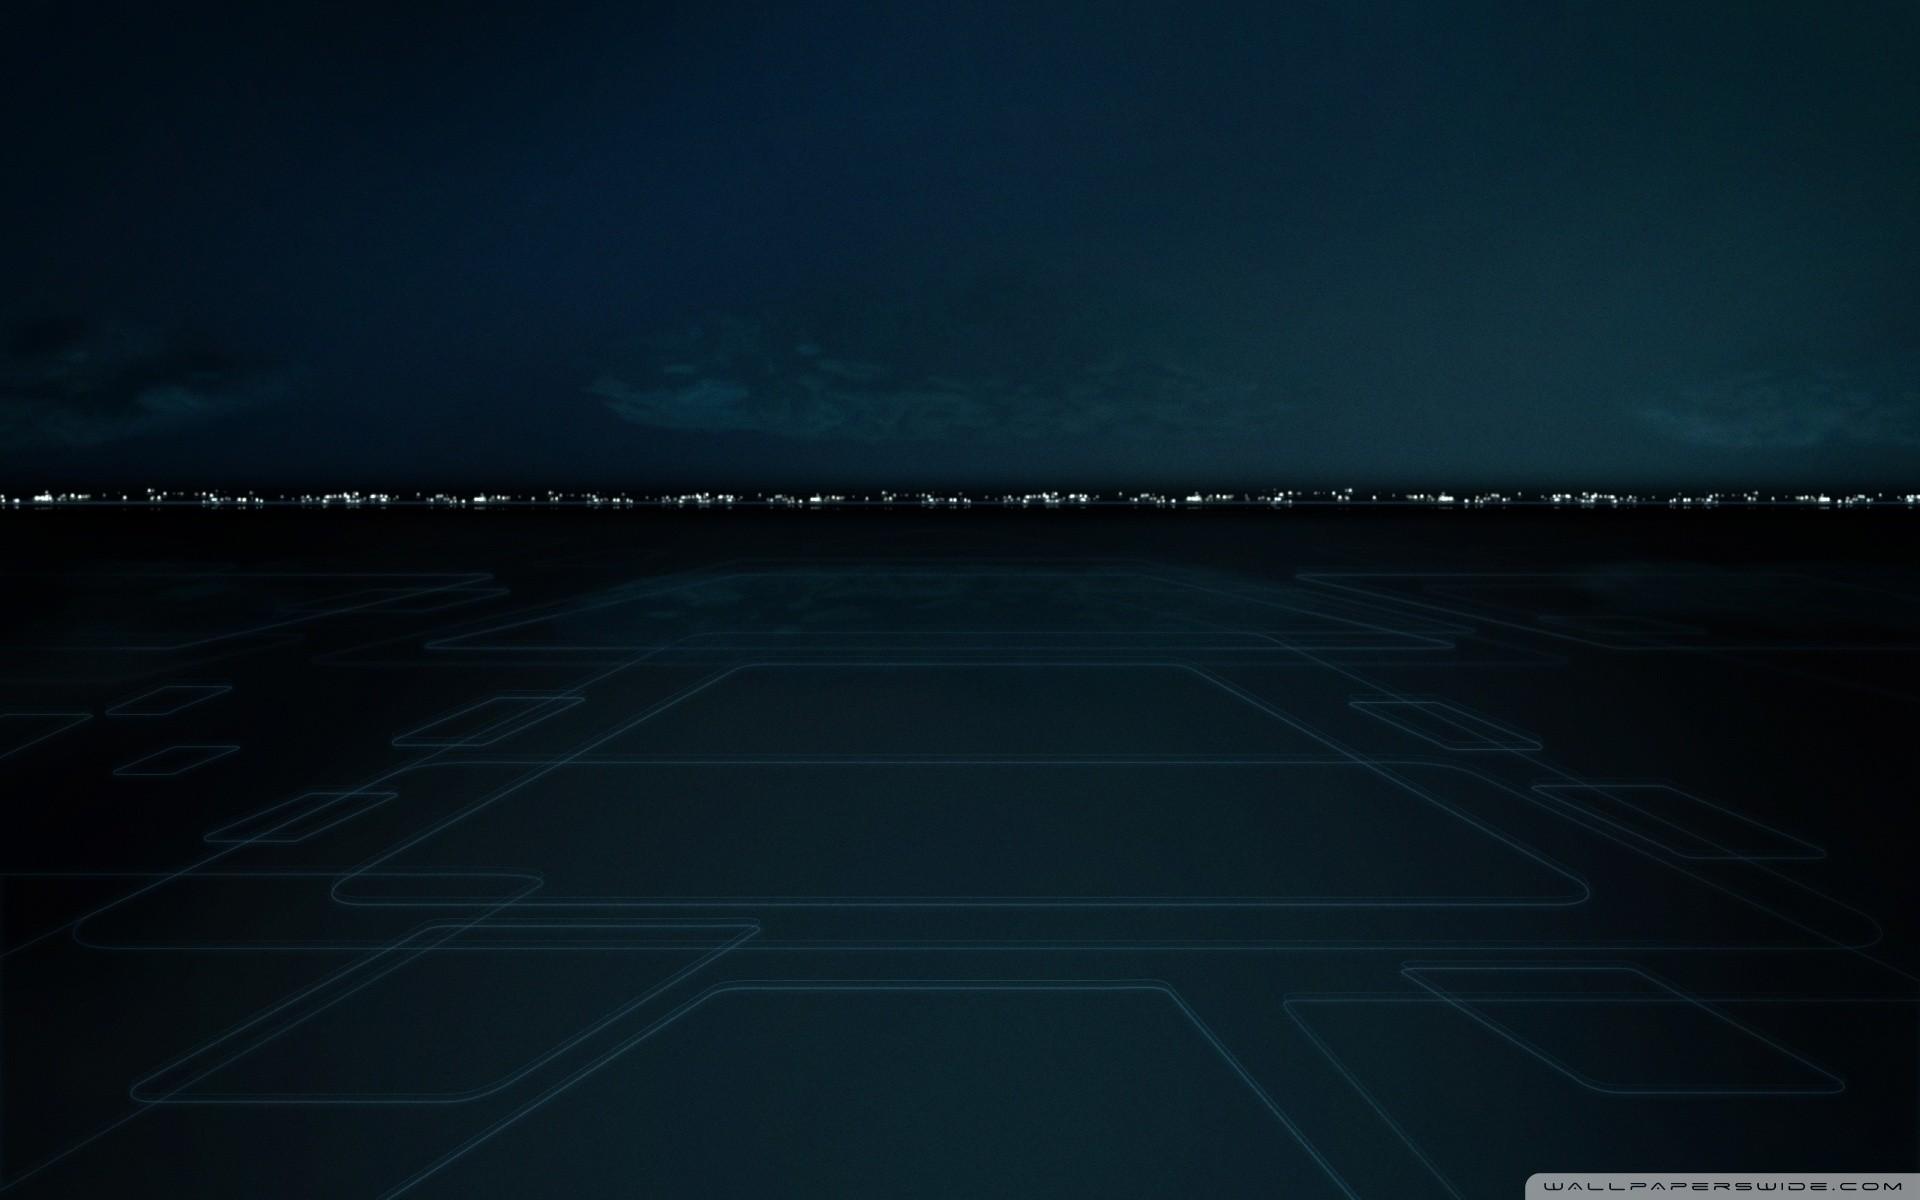 tron wallpaper 4k (71+ images)